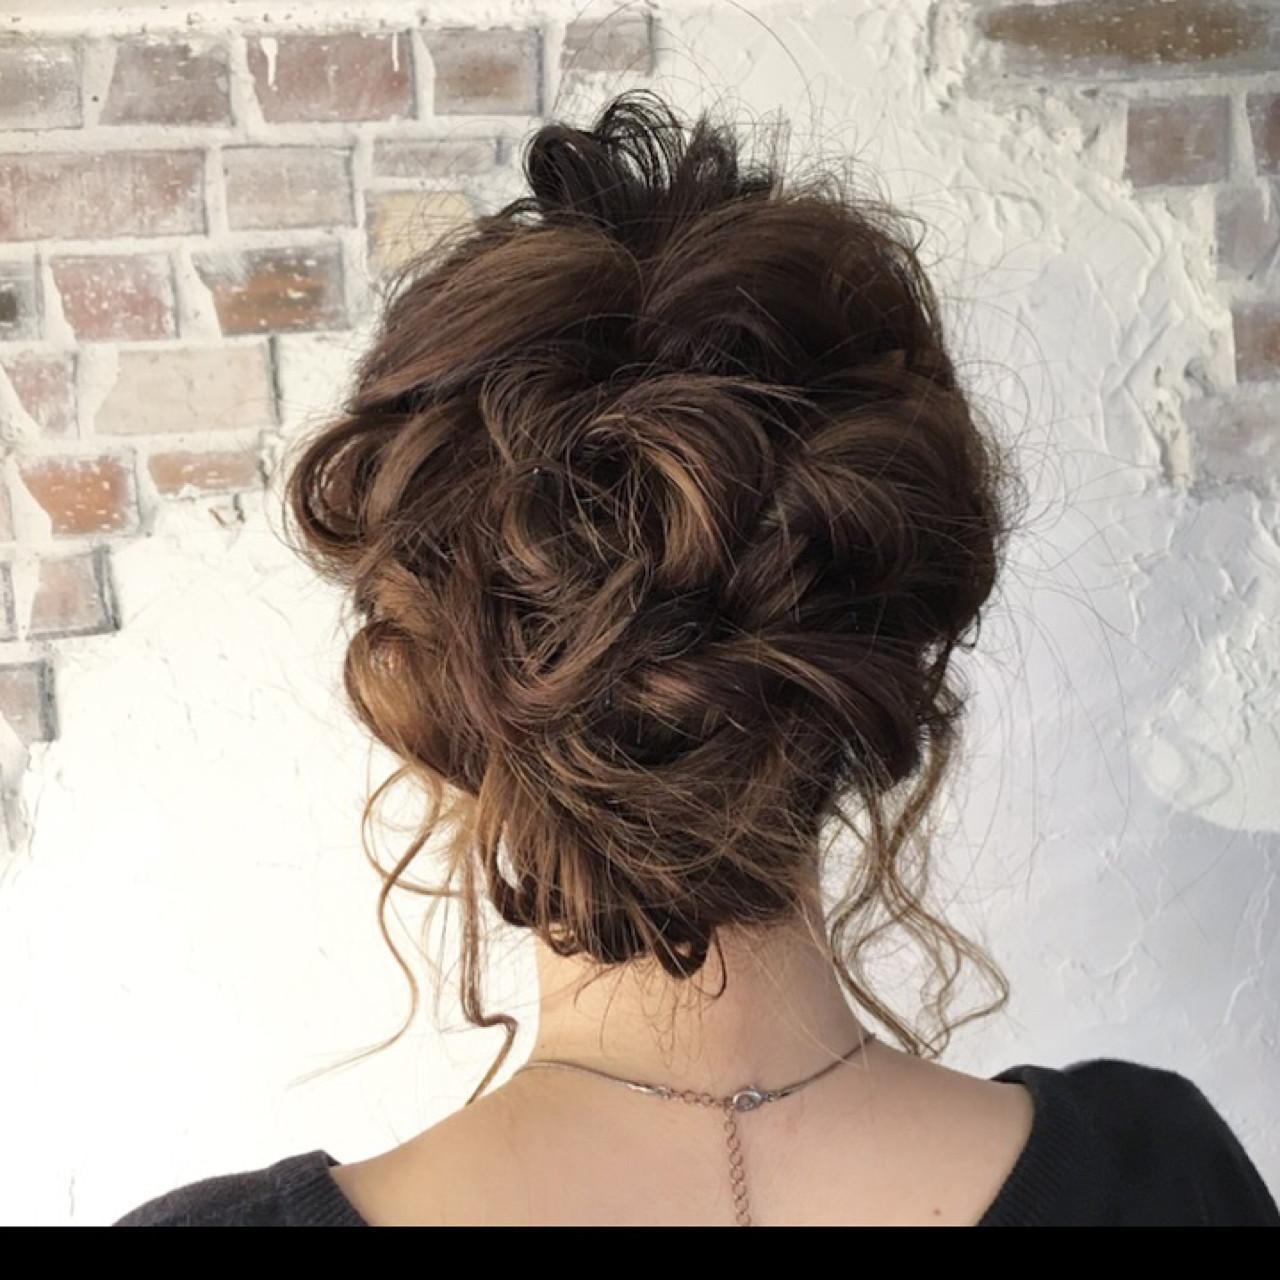 ミディアム ヘアアレンジ ショート ハーフアップ ヘアスタイルや髪型の写真・画像